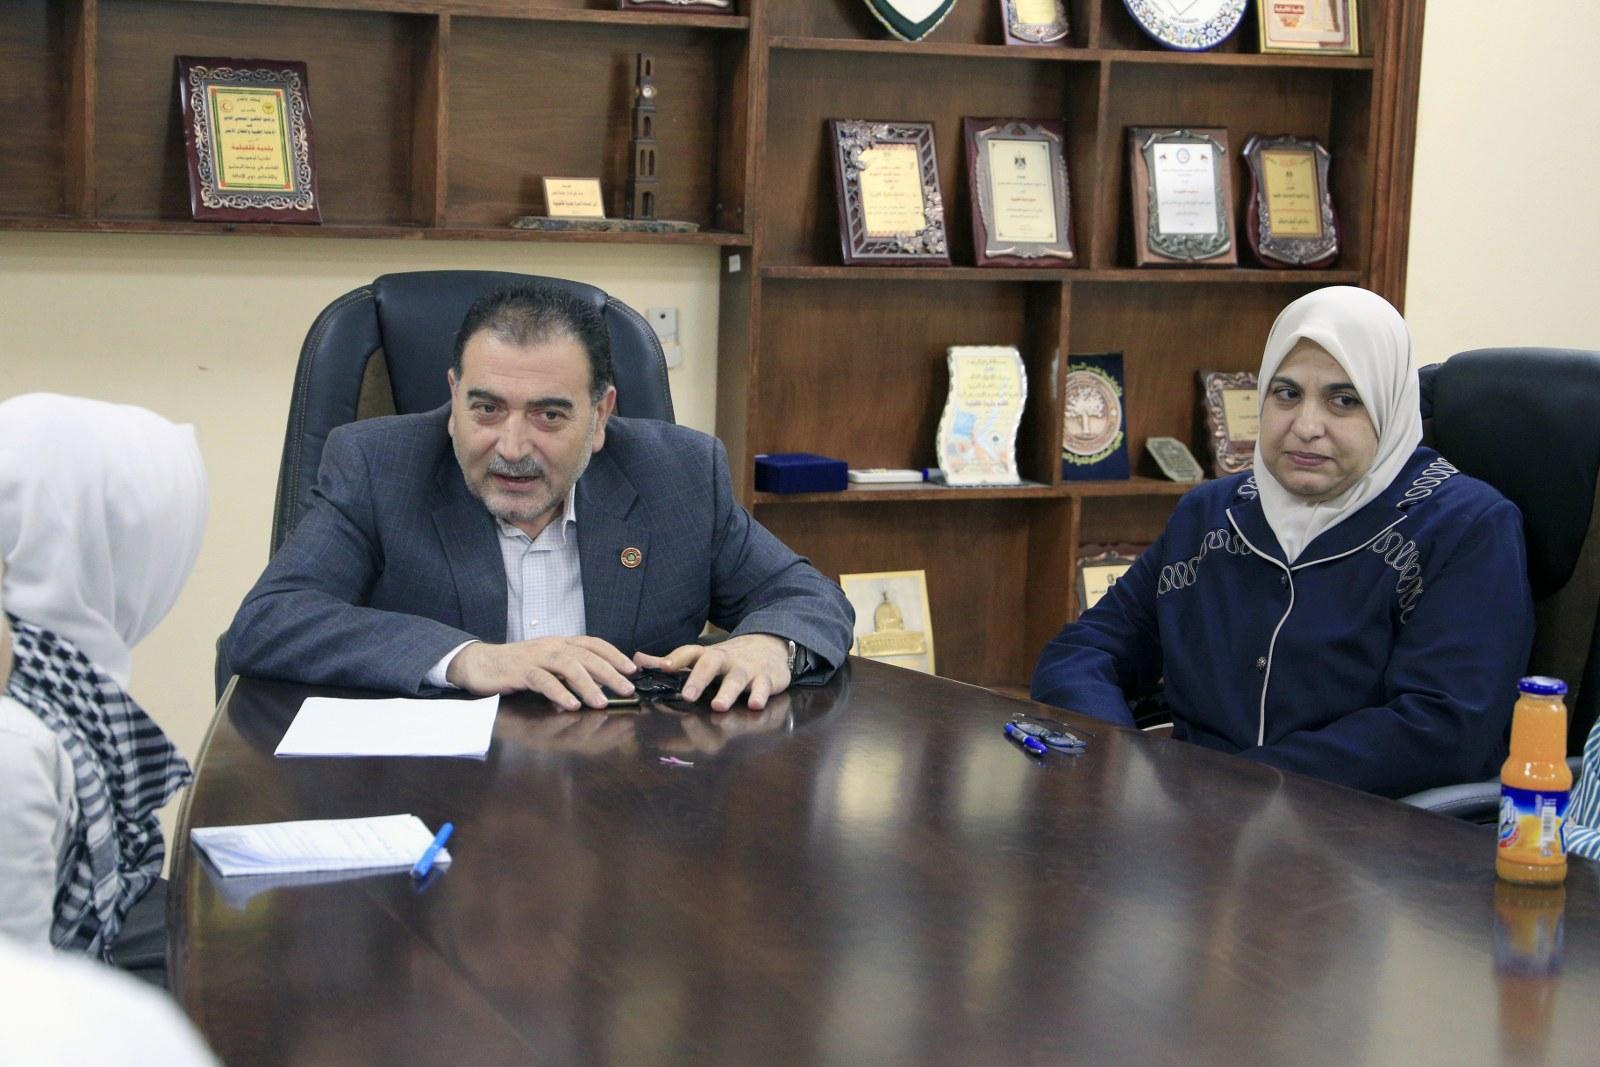 رئيس بلدية قلقيلية د. هاشم المصري يلتقي في دار البلدية وفدا من طالبات مدرسة بنات الشيماء الثانوية